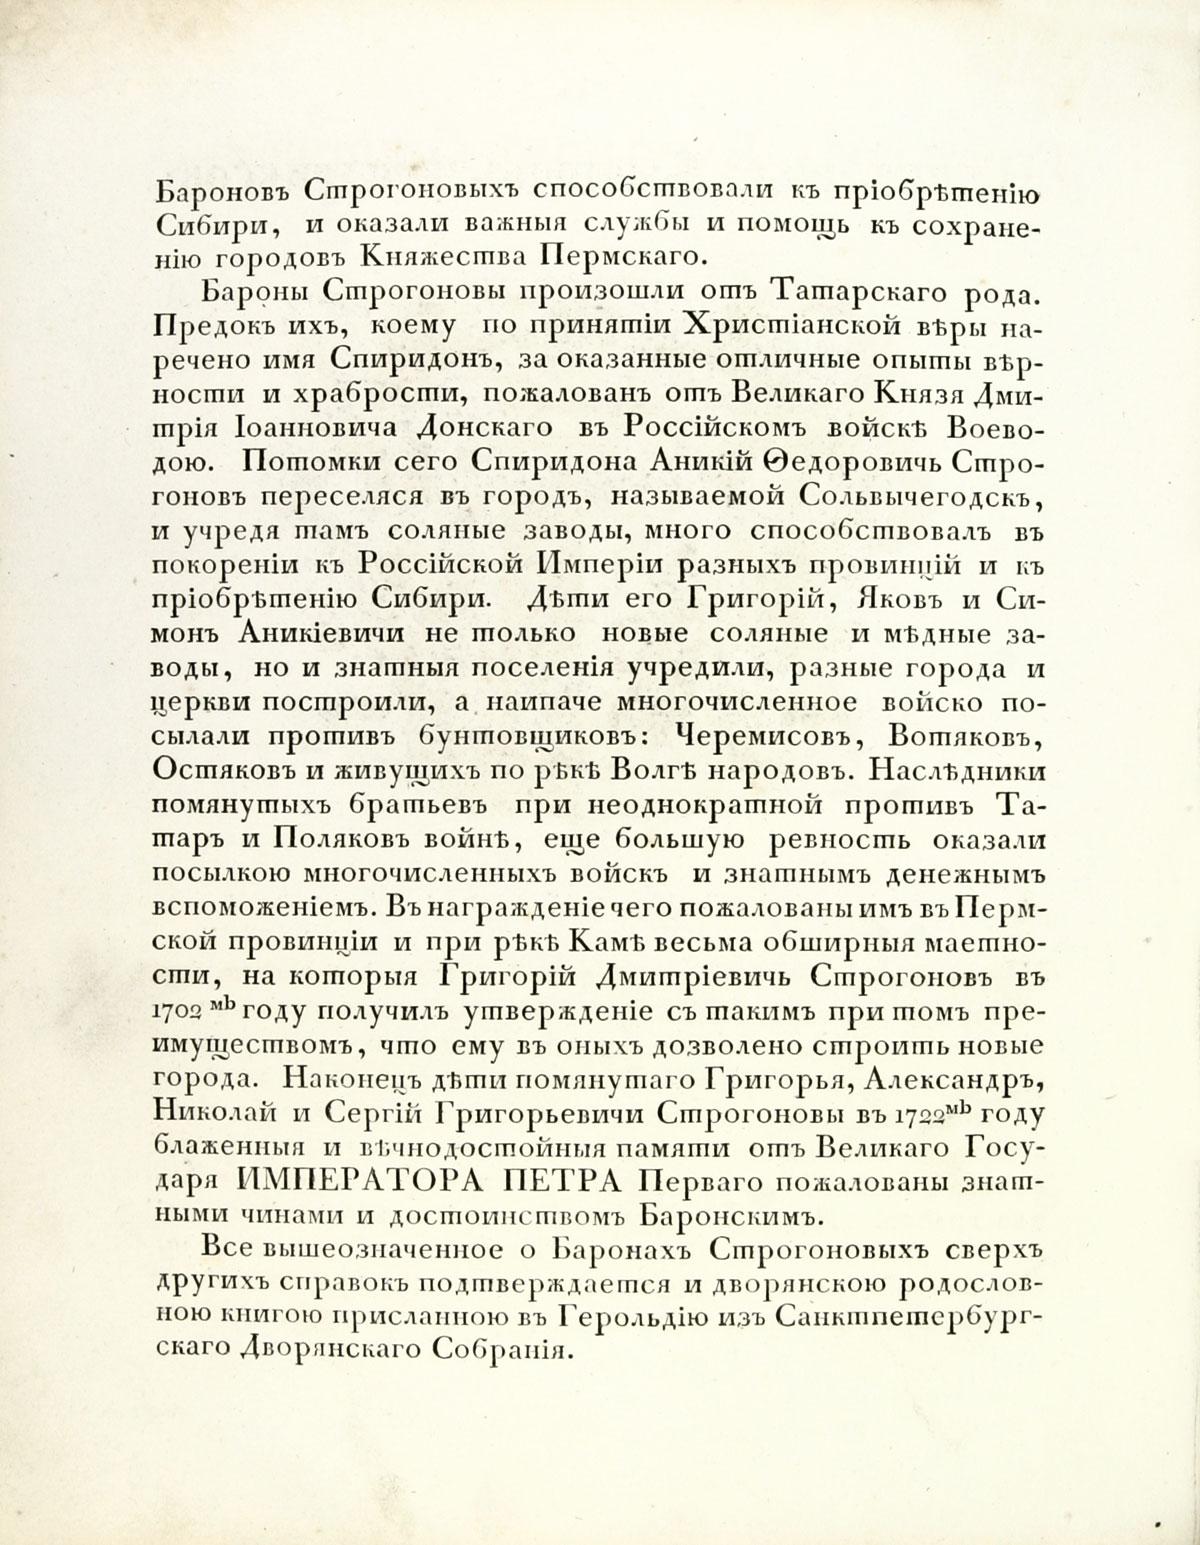 Герб рода баронов Строгоновых , стр. 2